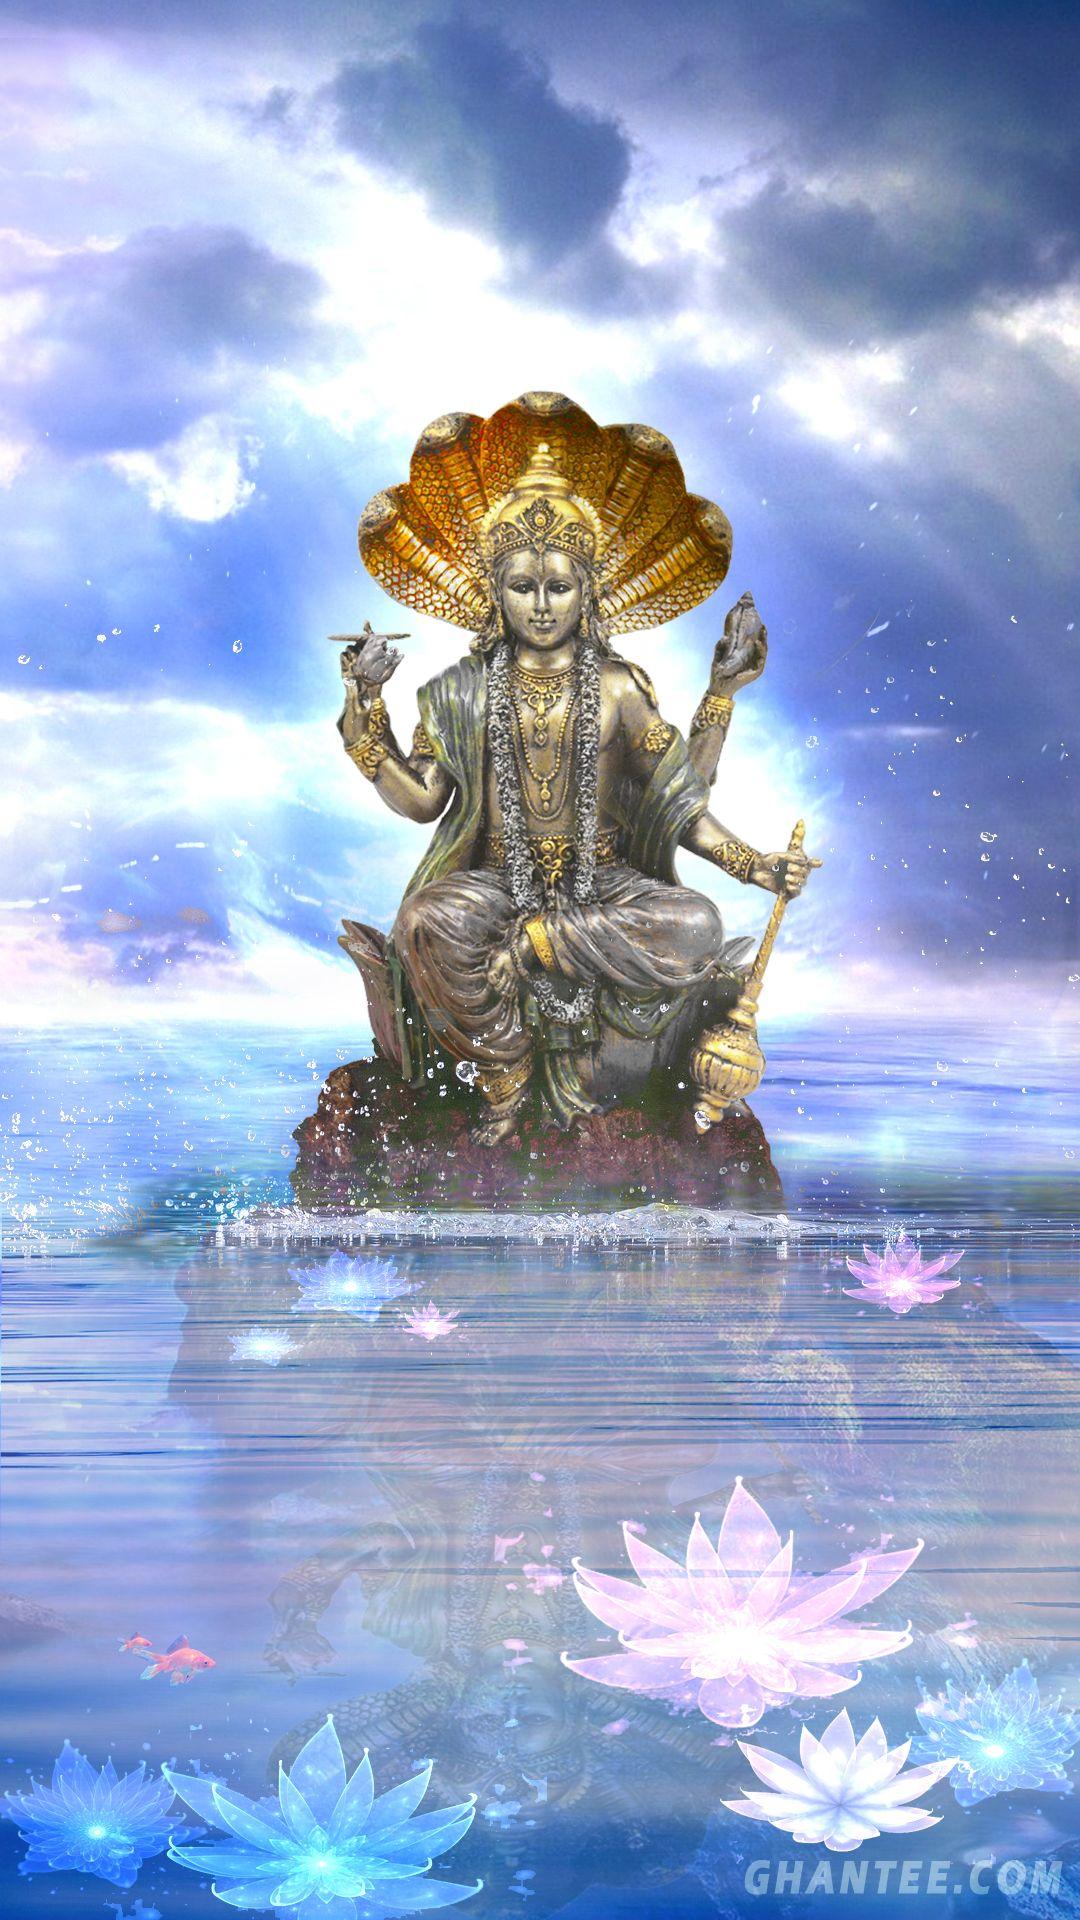 Krishna Wallpaper Full Hd Krishna Wallpaper Lord Krishna Wallpapers Lord Krishna Hd Wallpaper